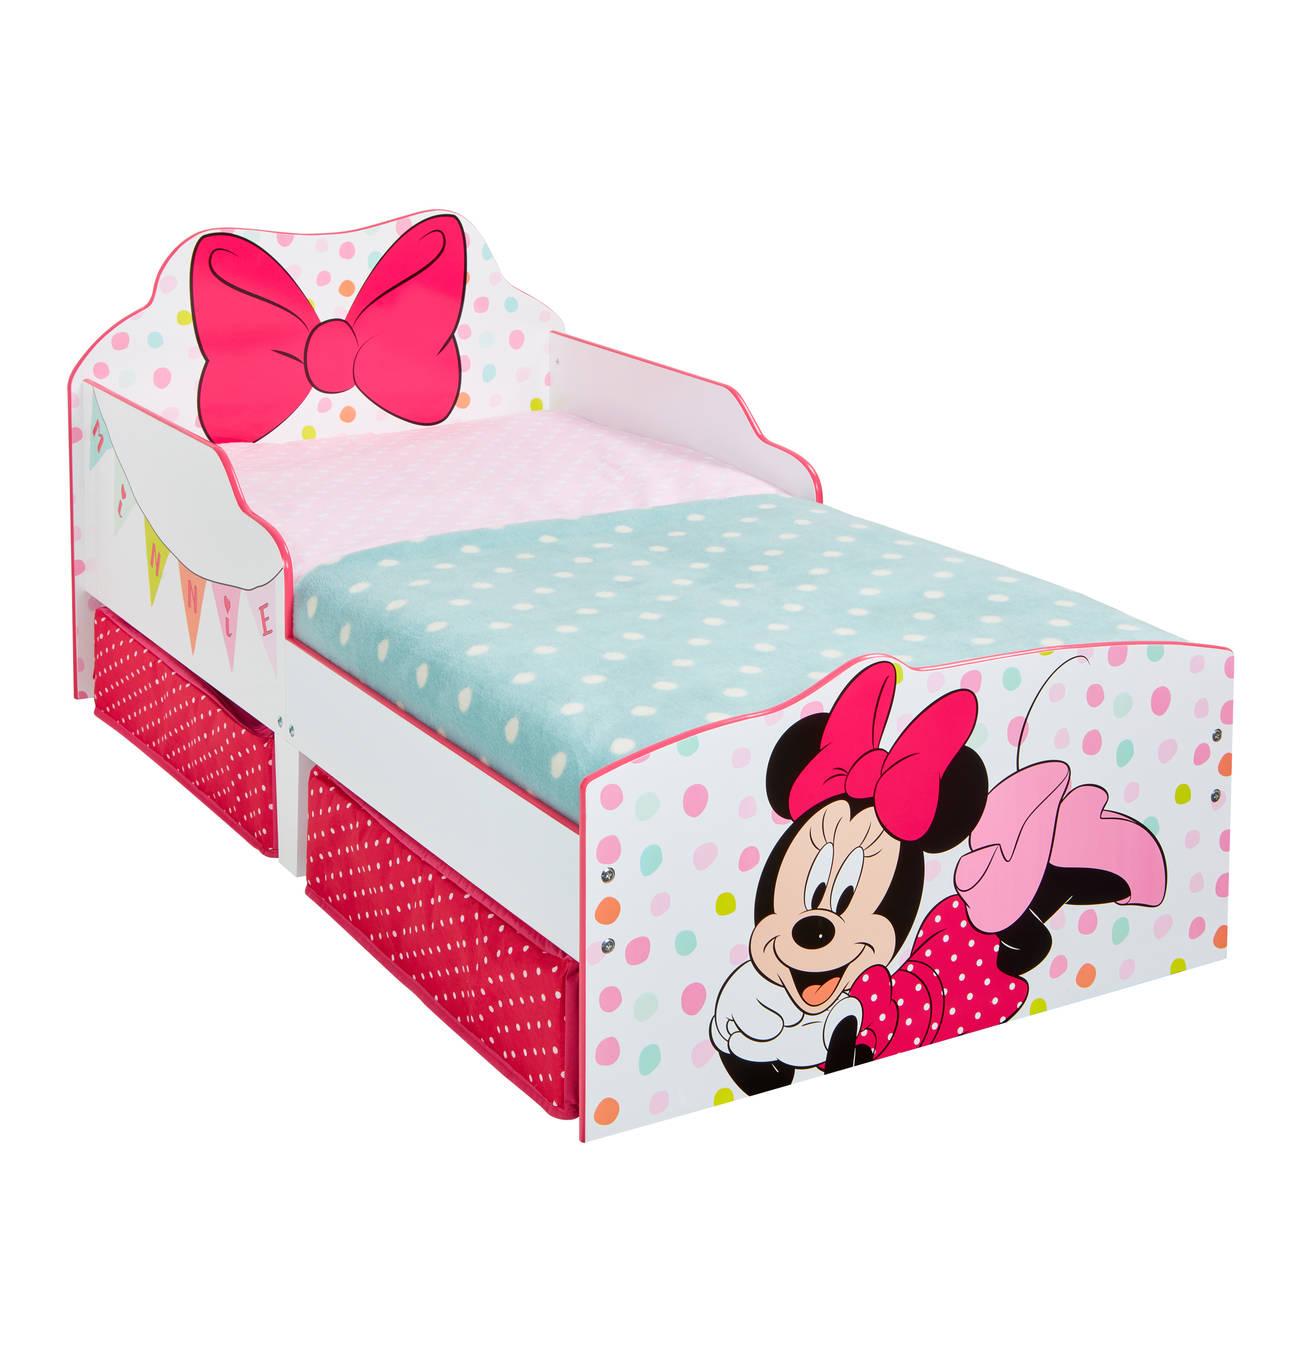 Kinderbett Minnie Kleinkinderbett Bett Mit Aufbewahrung Kinderbett